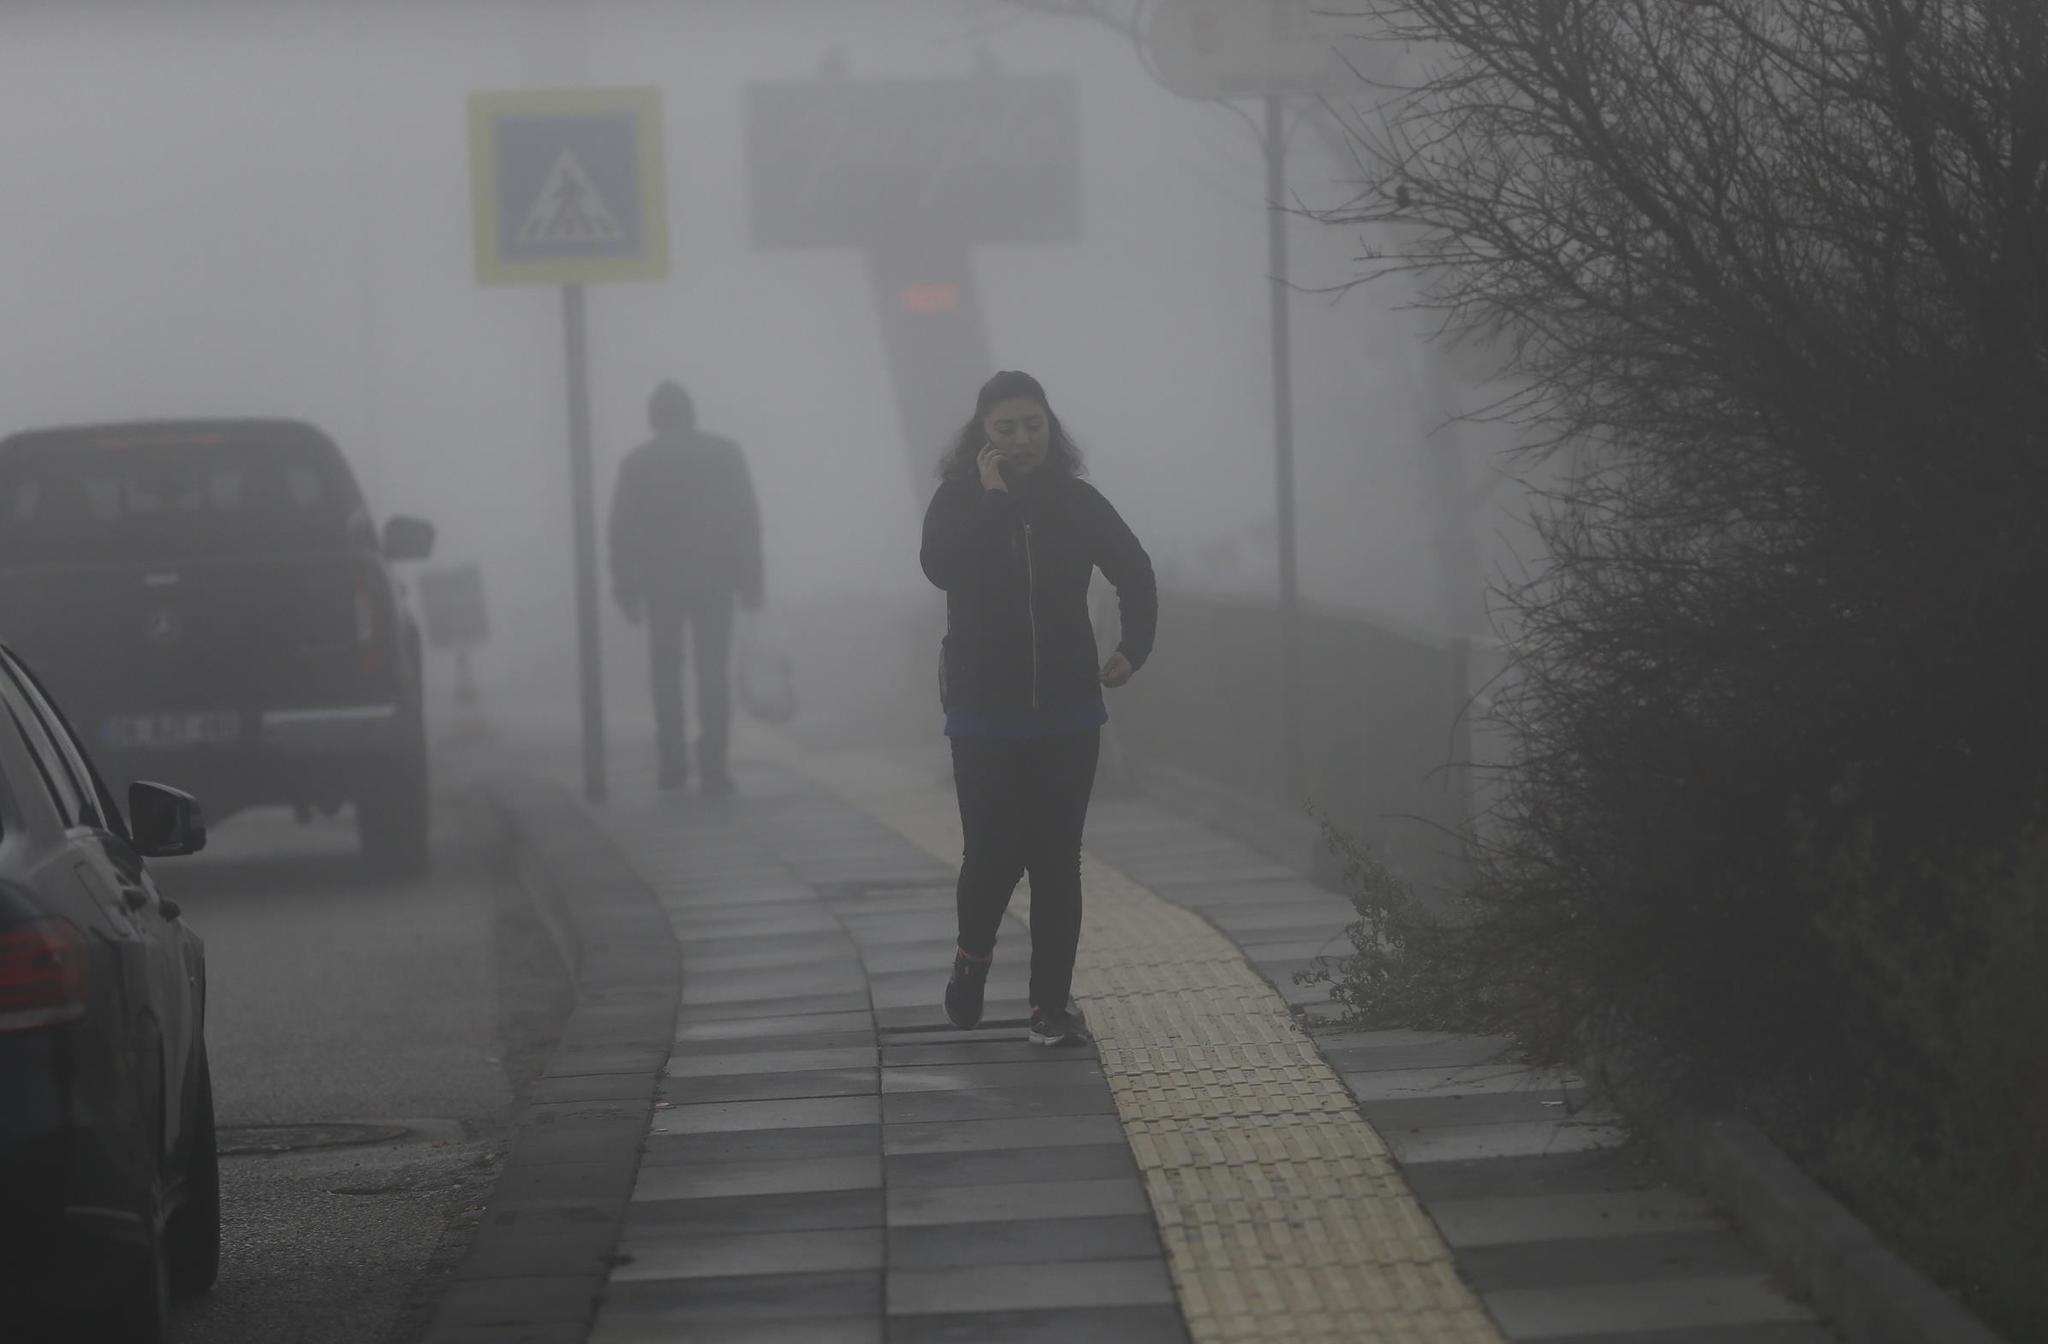 İzmir'de hava durumu nasıl olacak? 28 Kasım hava durumu: Kar ve sağanak  uyarısı - İzmir Haberleri